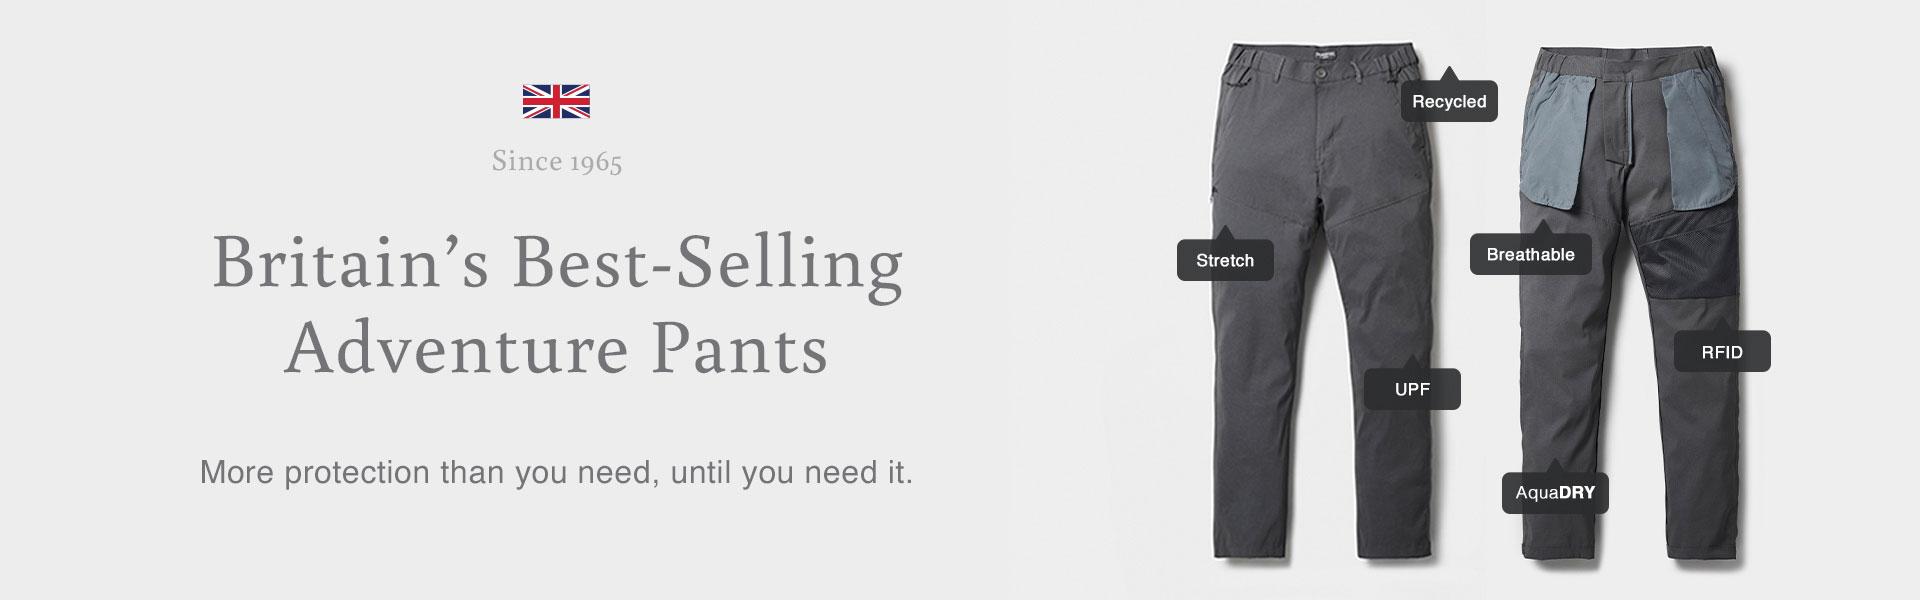 Best Selling Adventure Pants